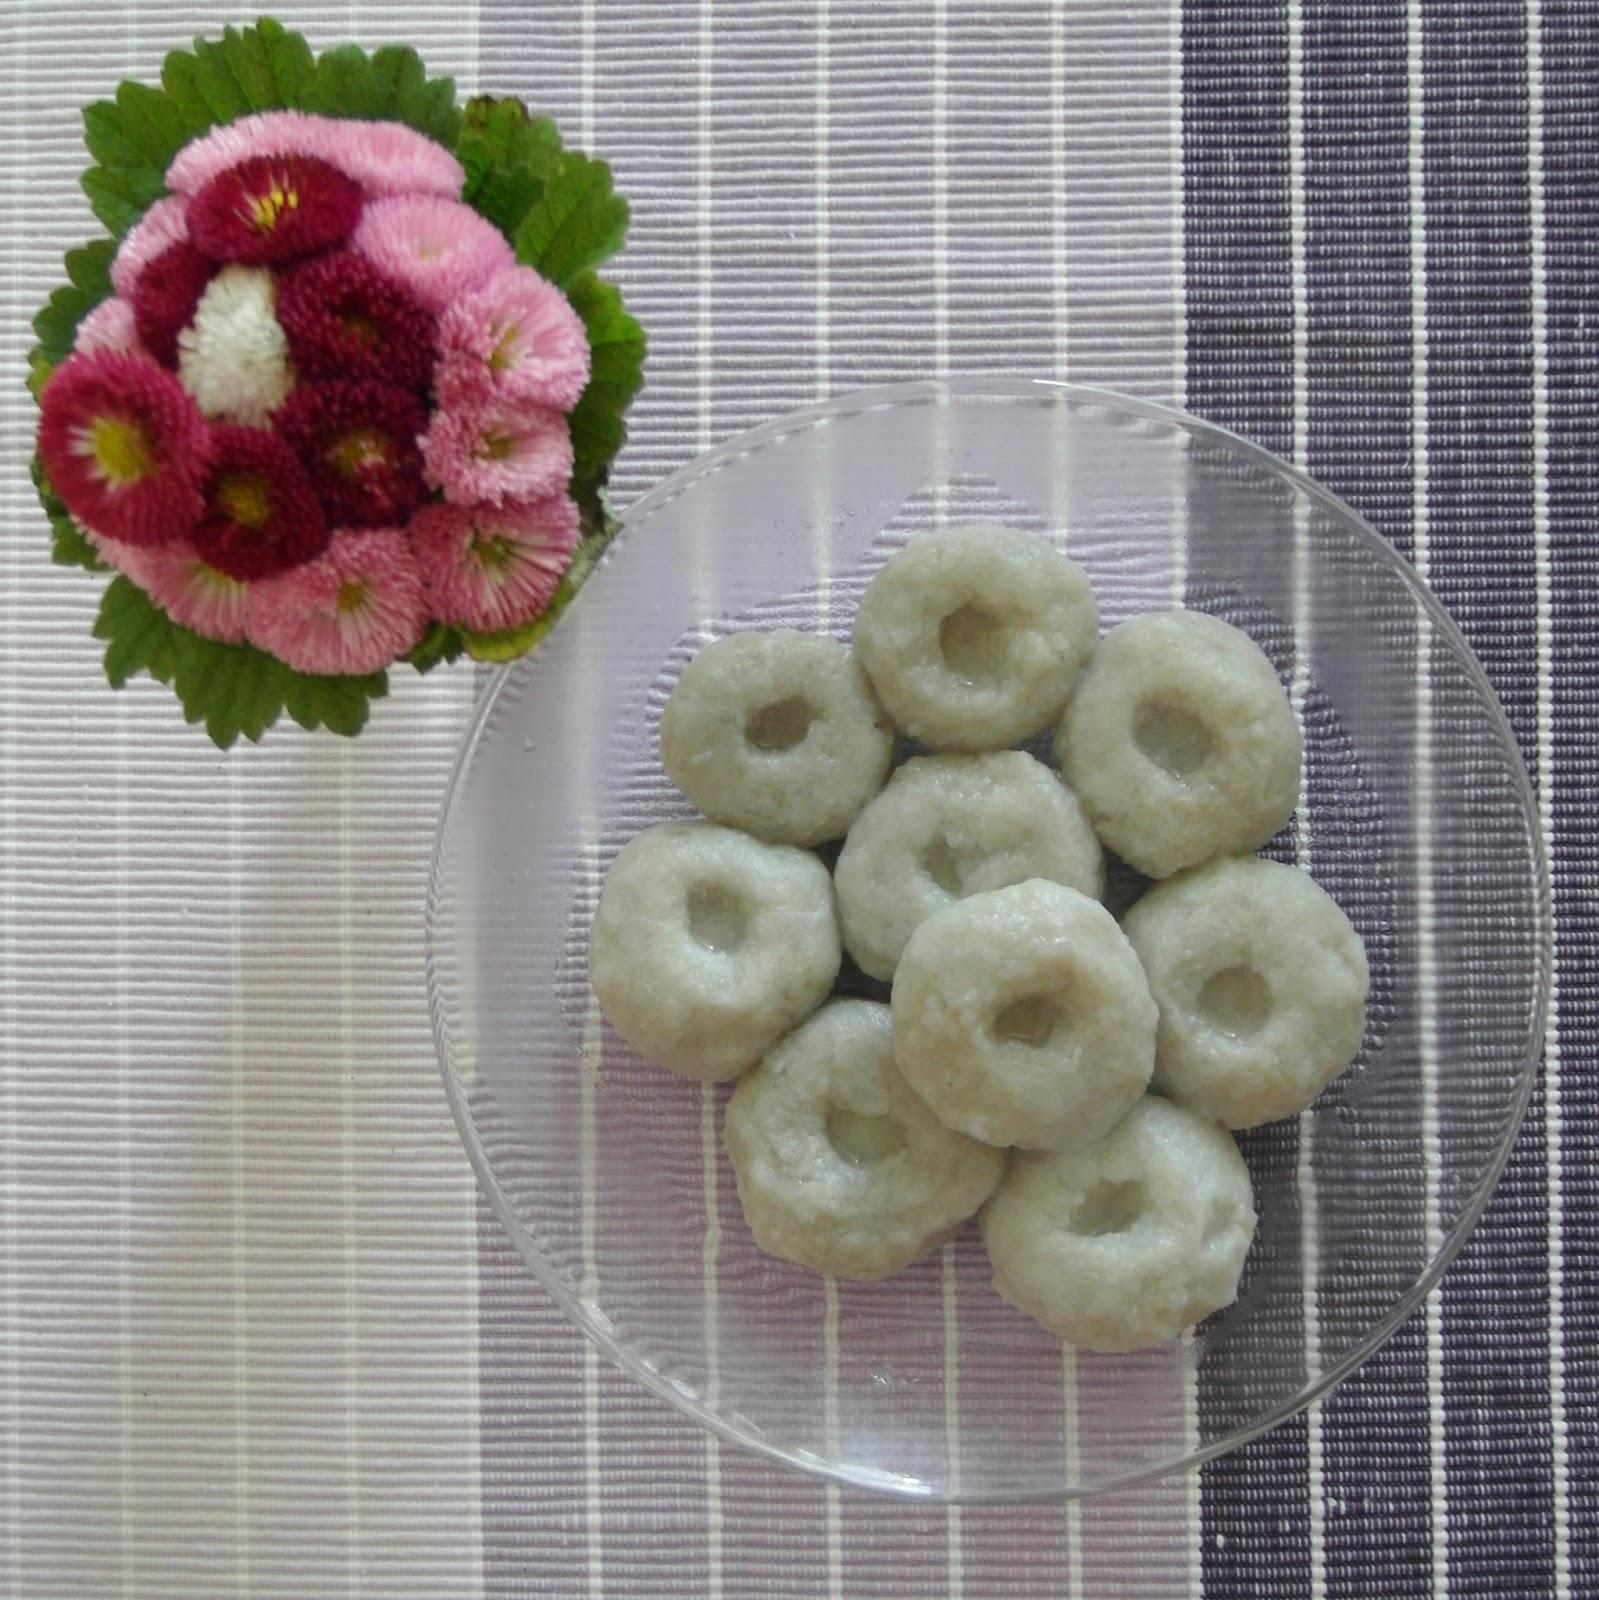 Kuchnia Z Wyrakiem Slunske Kluski Corne Przepis Na Czarne Kluski